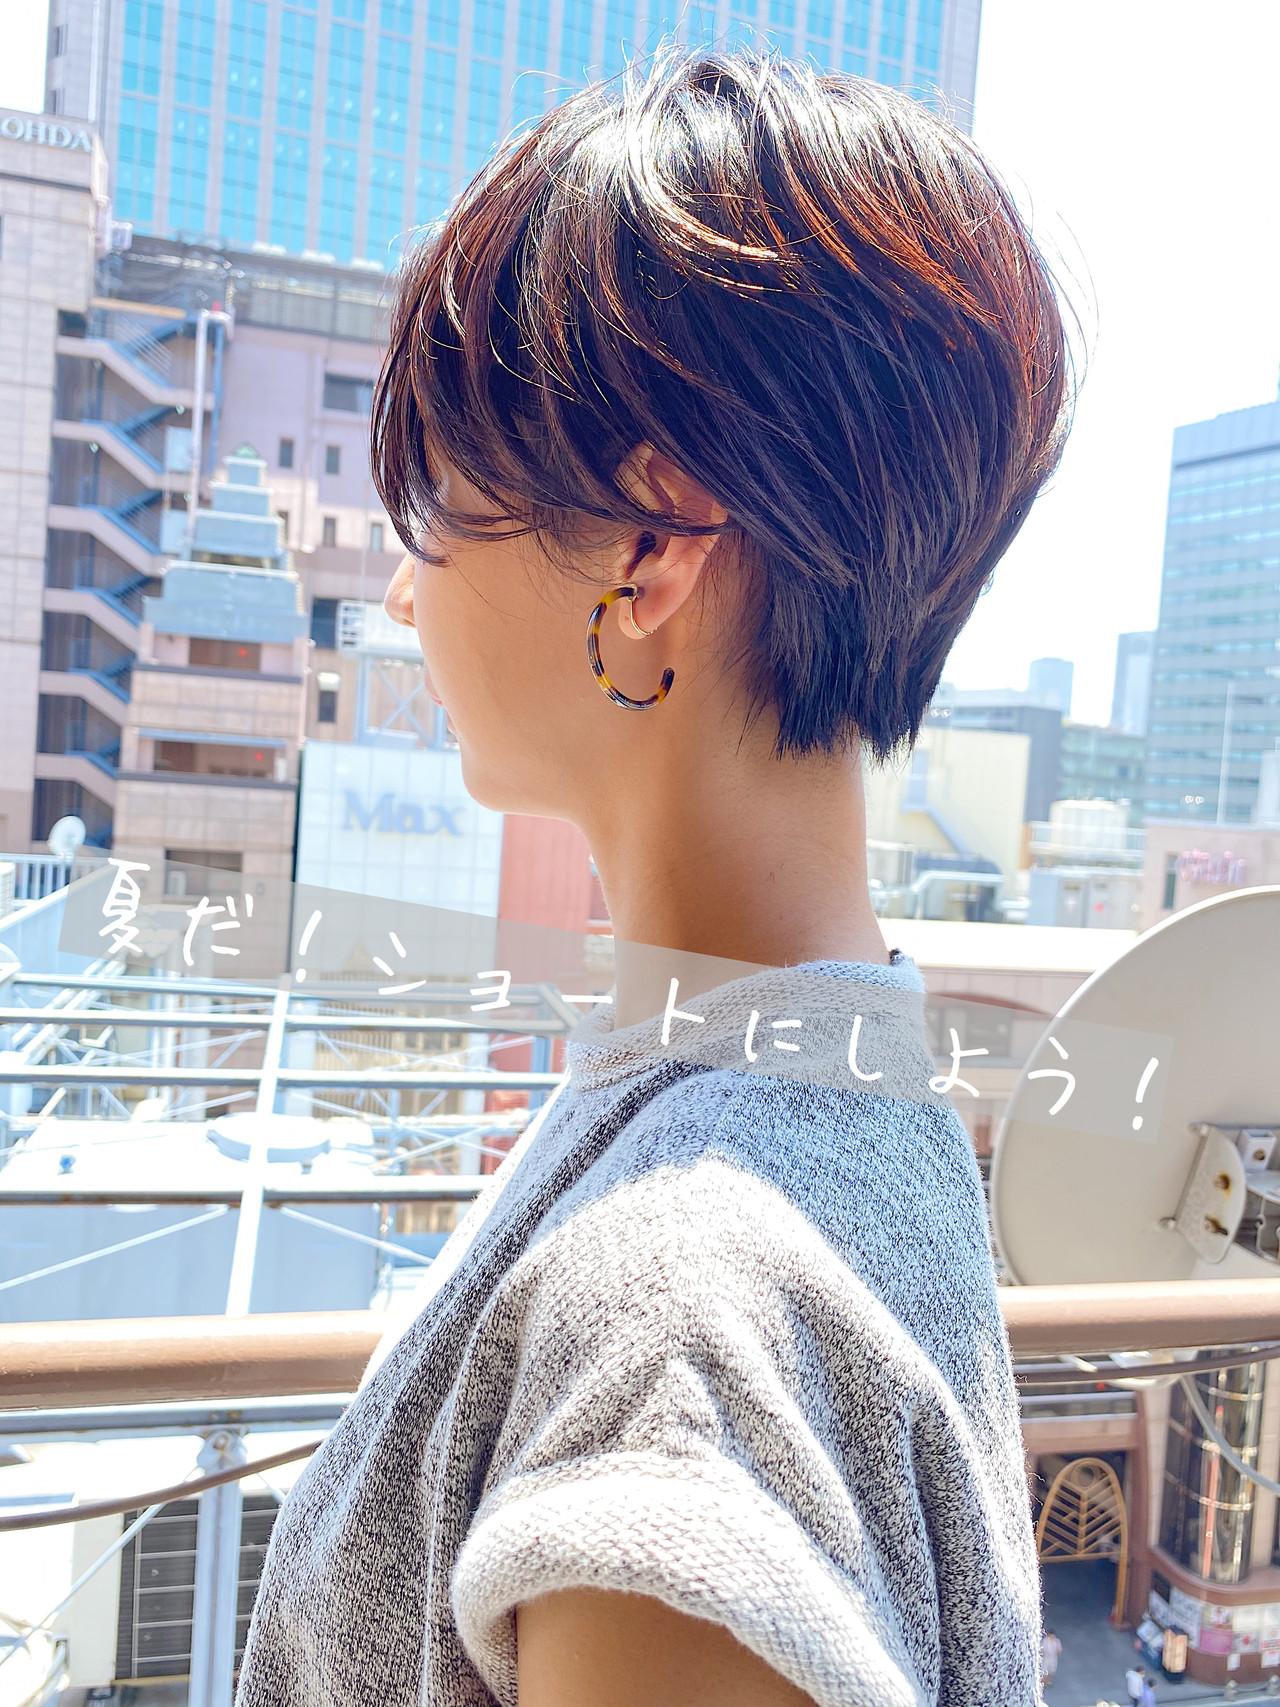 ハンサムショート ショートヘア ショートボブ 切りっぱなしボブ ヘアスタイルや髪型の写真・画像 | 宗本篤始 / BIGOUDI